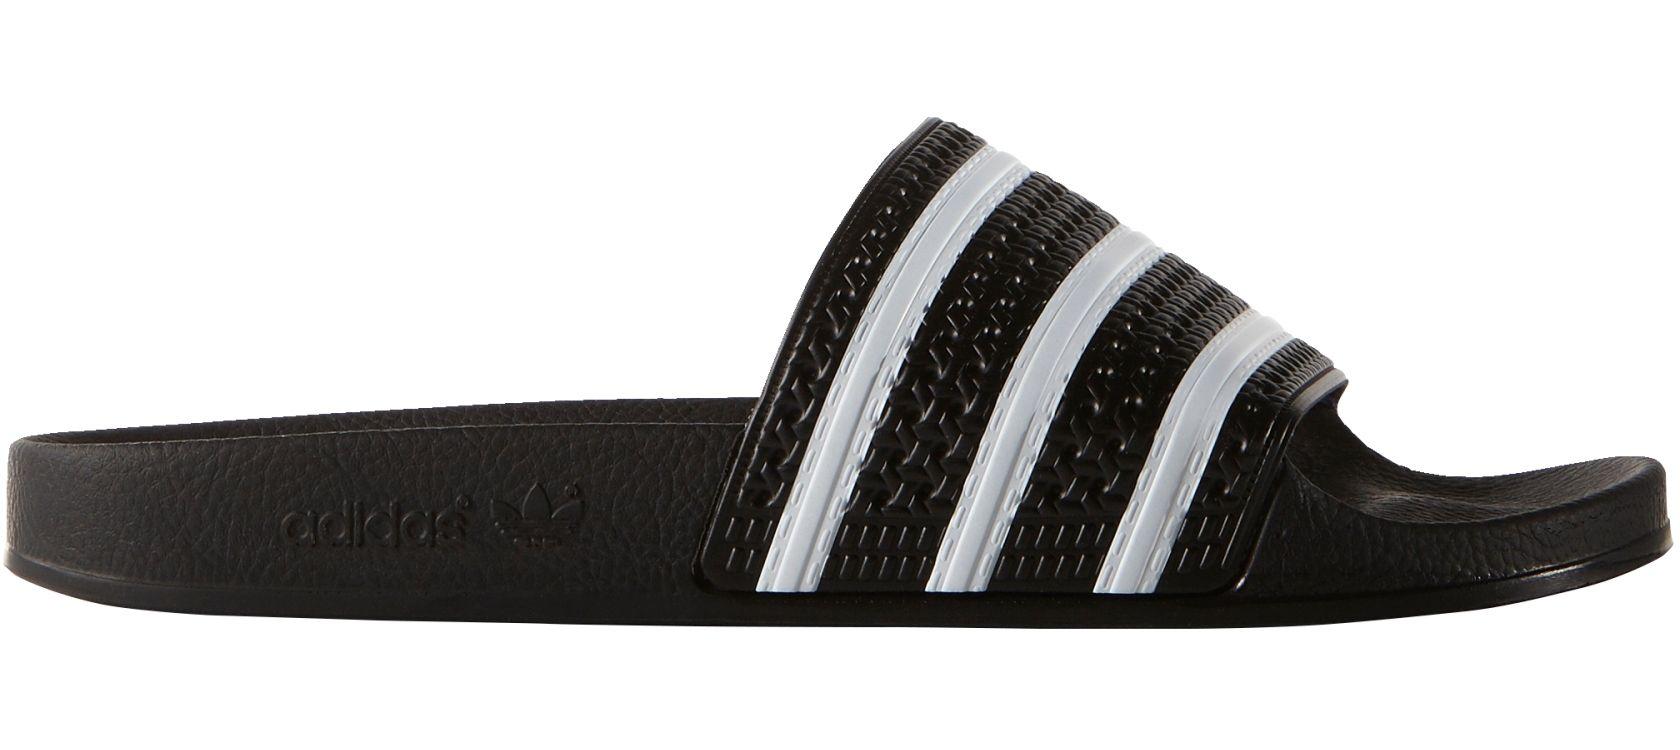 adidas Originals Adilette Slide e5V8S